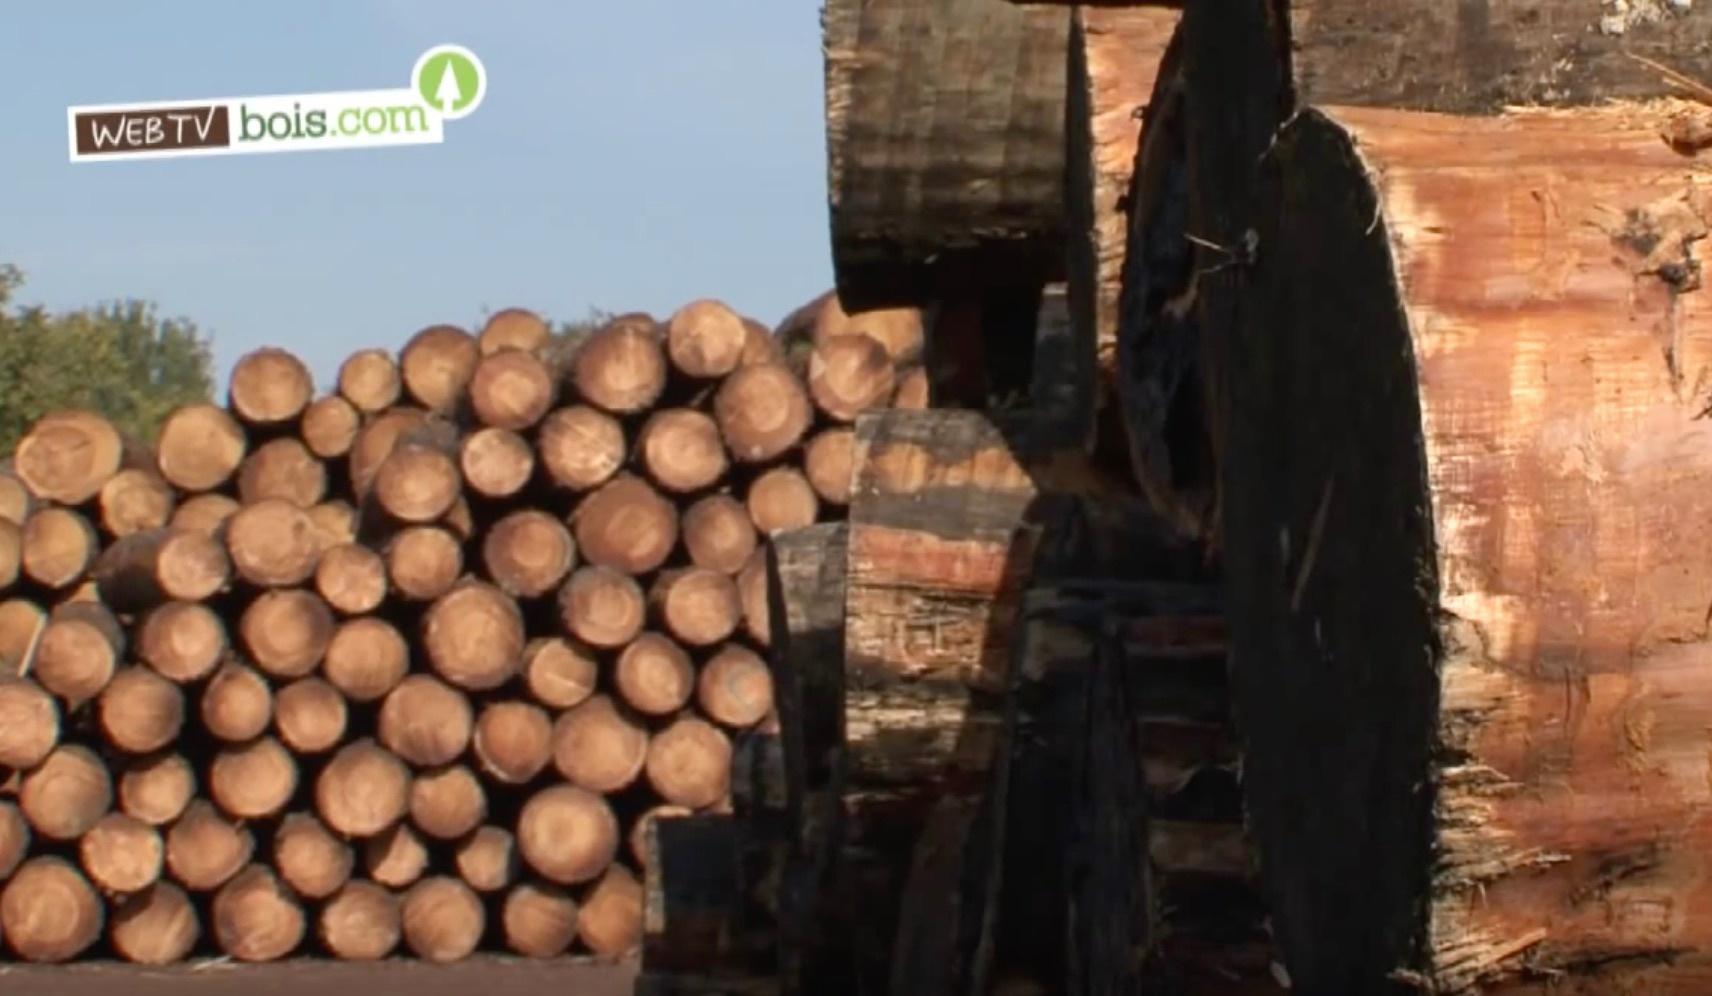 [Vidéo] Bois : Cycle de vie